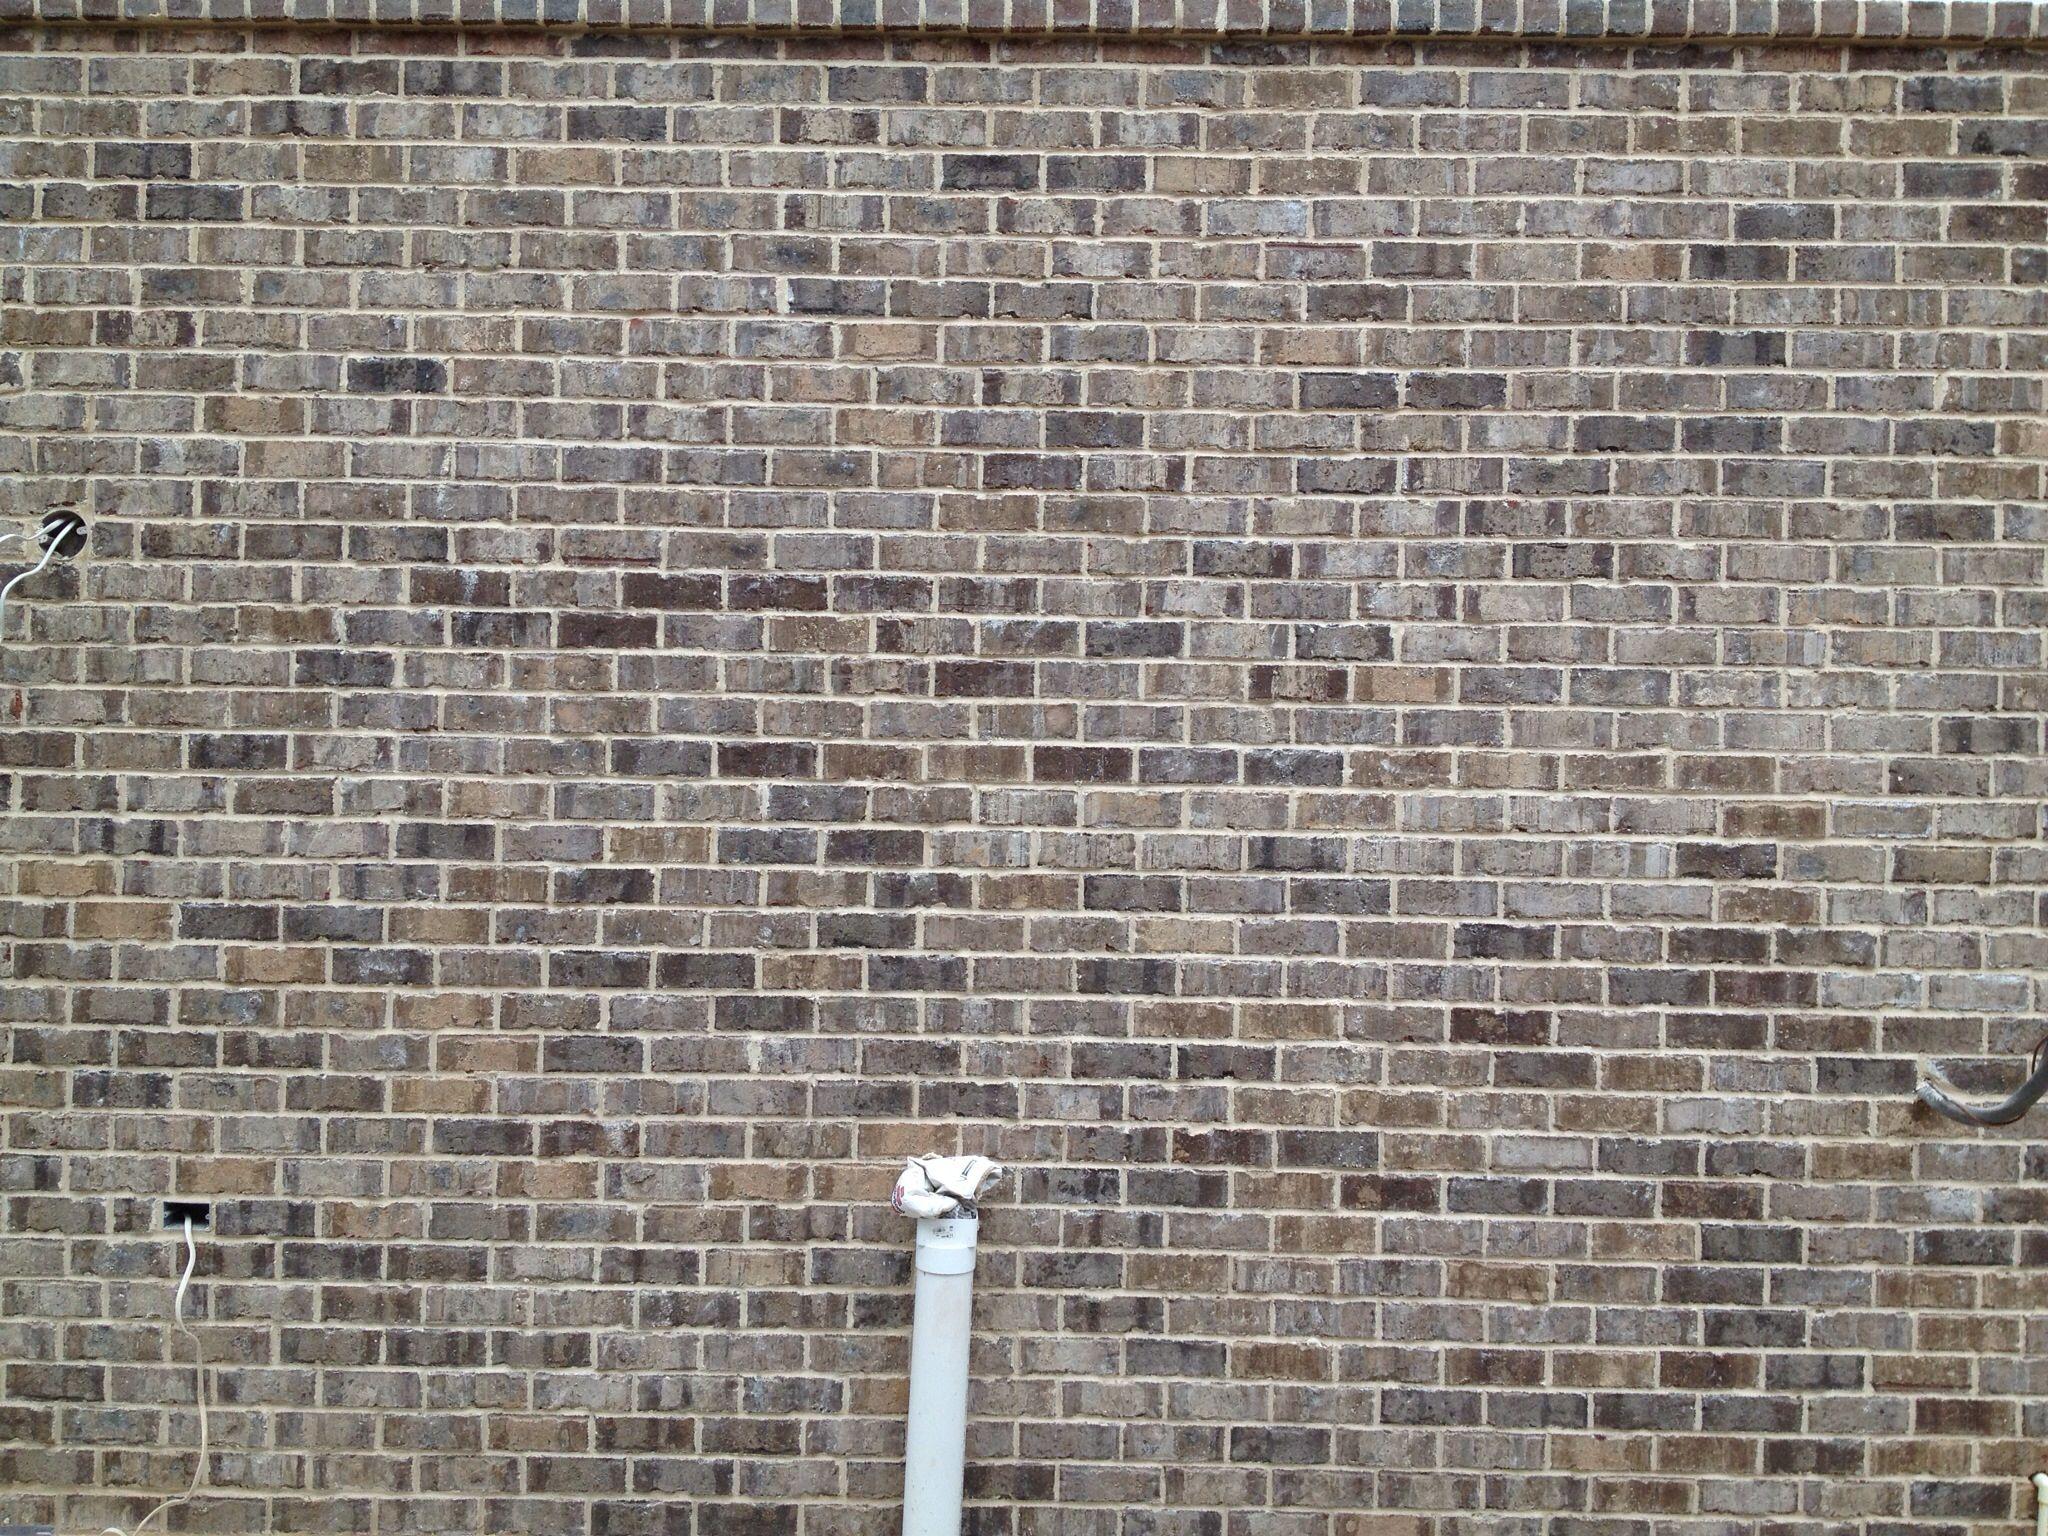 Marshton Ivory Mortar Century Pkg 105 Brick Tiles